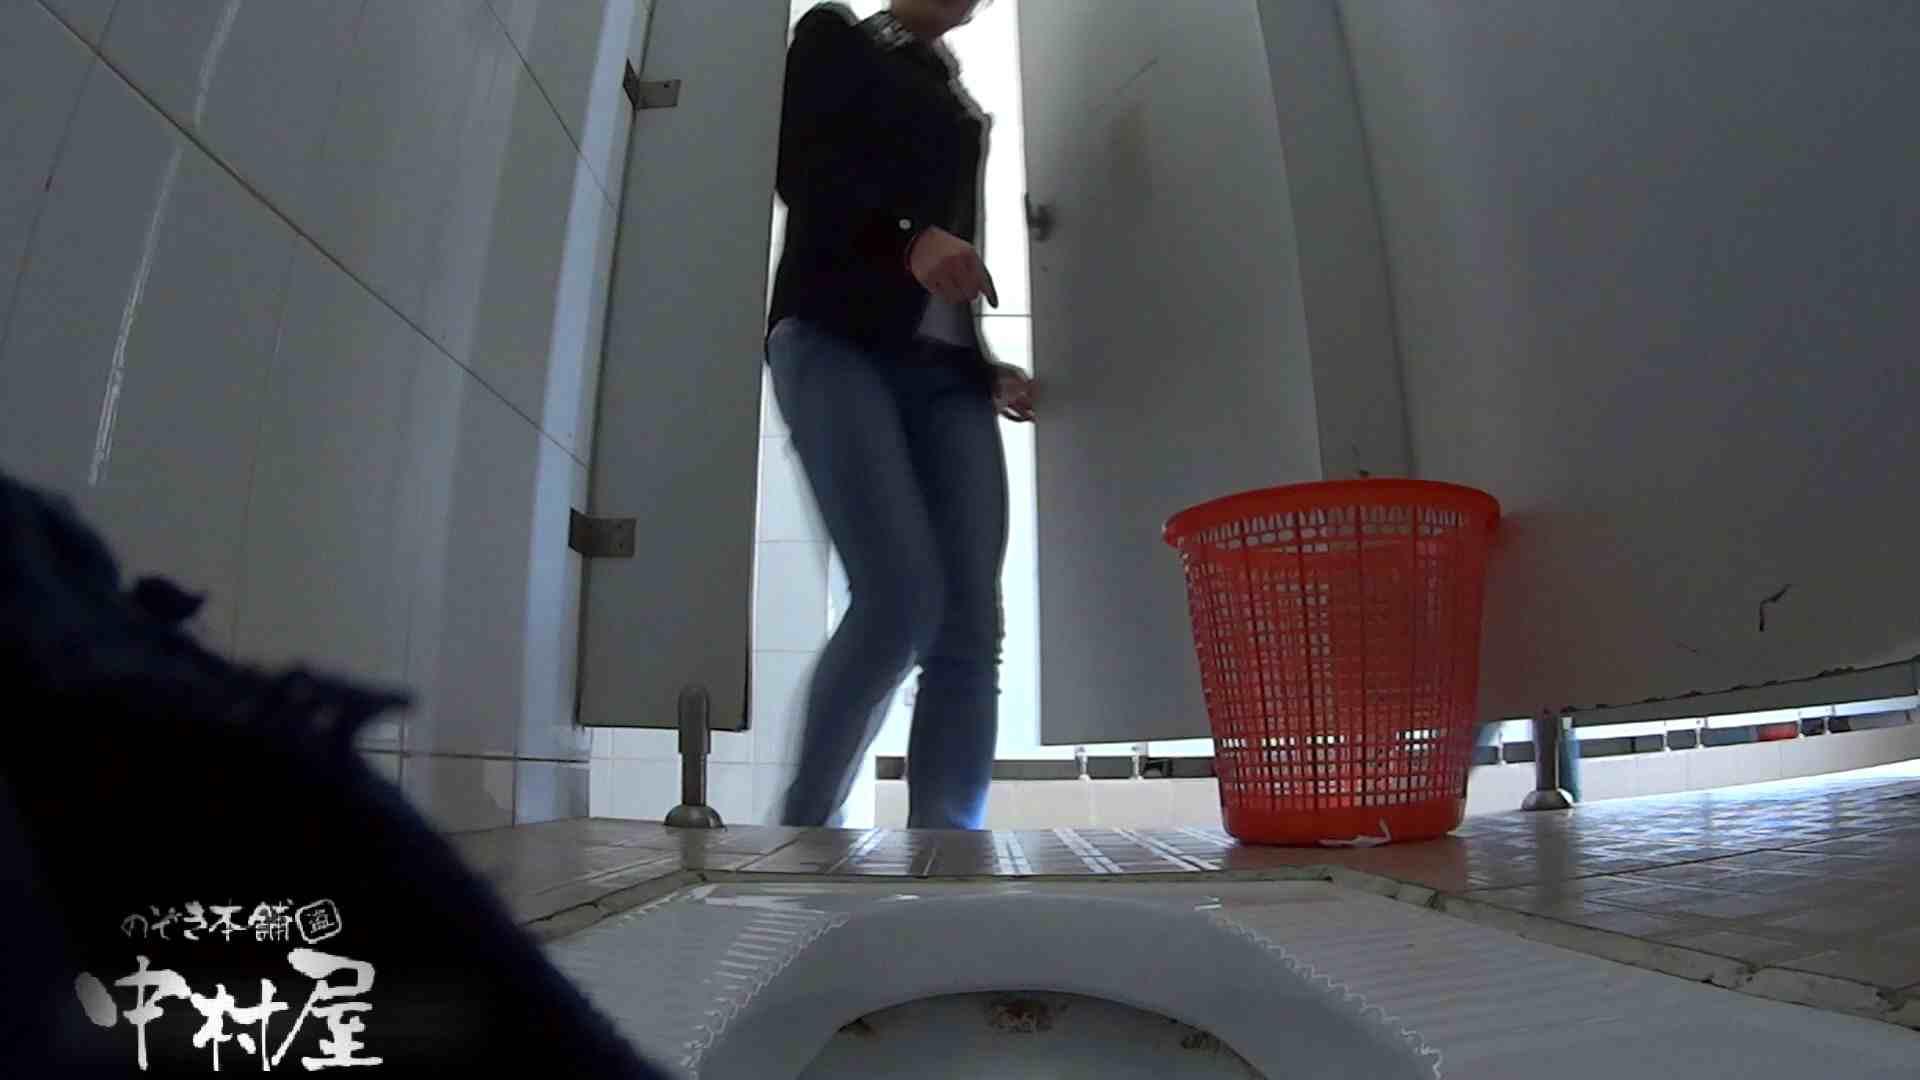 めくれ上がる陰部からの大聖水!大学休憩時間の洗面所事情27 超エロお姉さん 隠し撮りオマンコ動画紹介 77枚 3